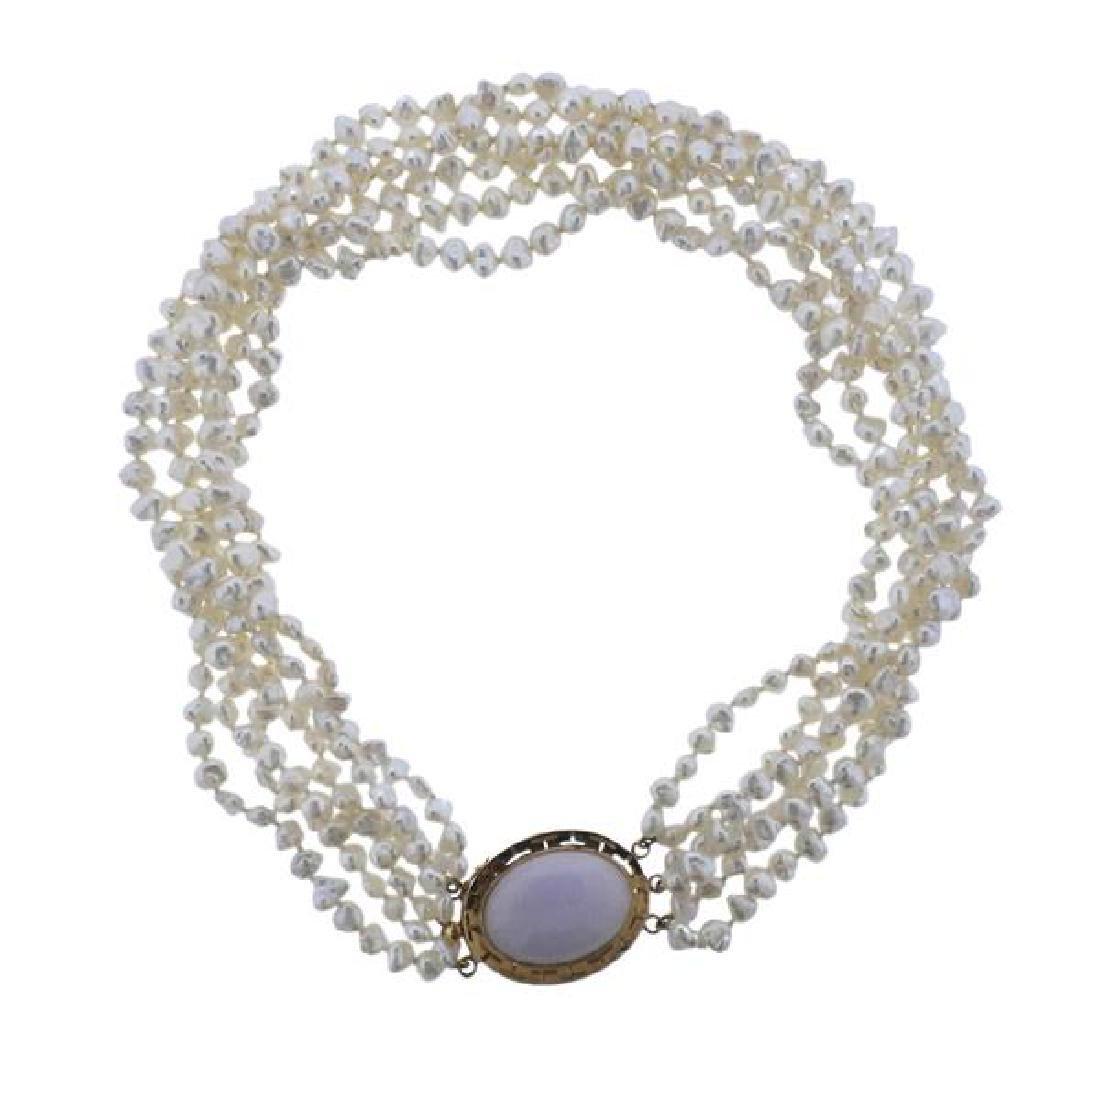 14k Gold Lavender Jade Pearl Necklace